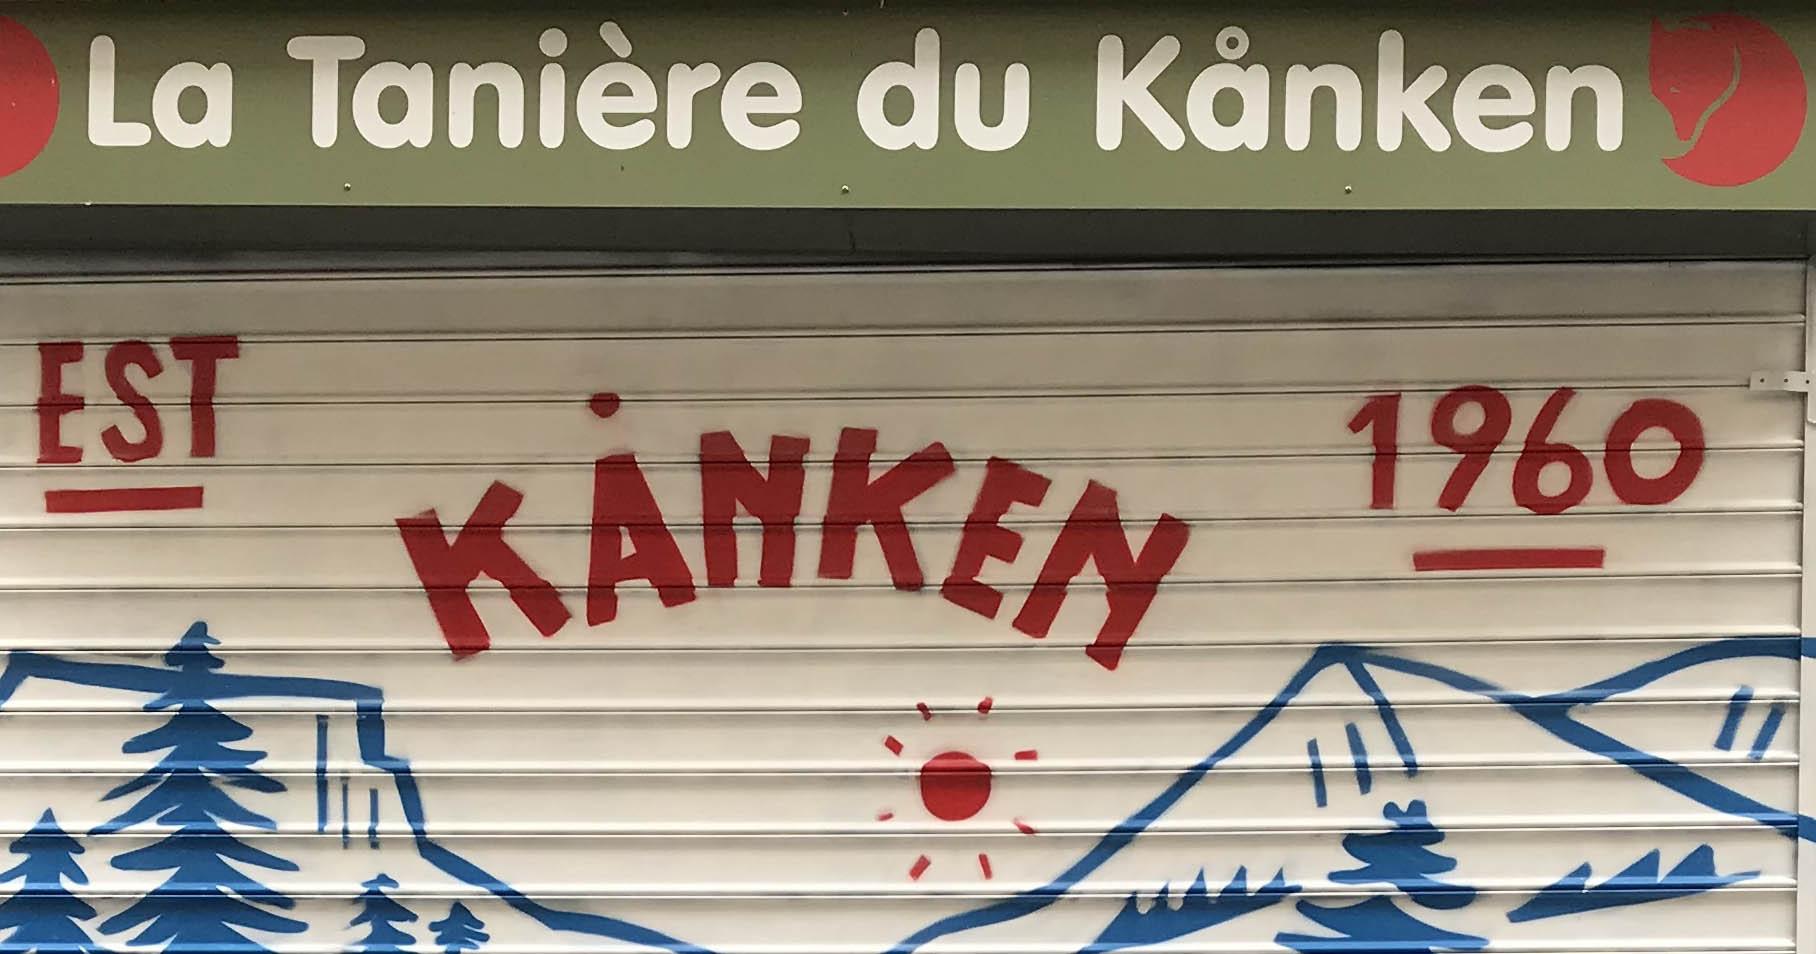 taniere_kanken_slider1